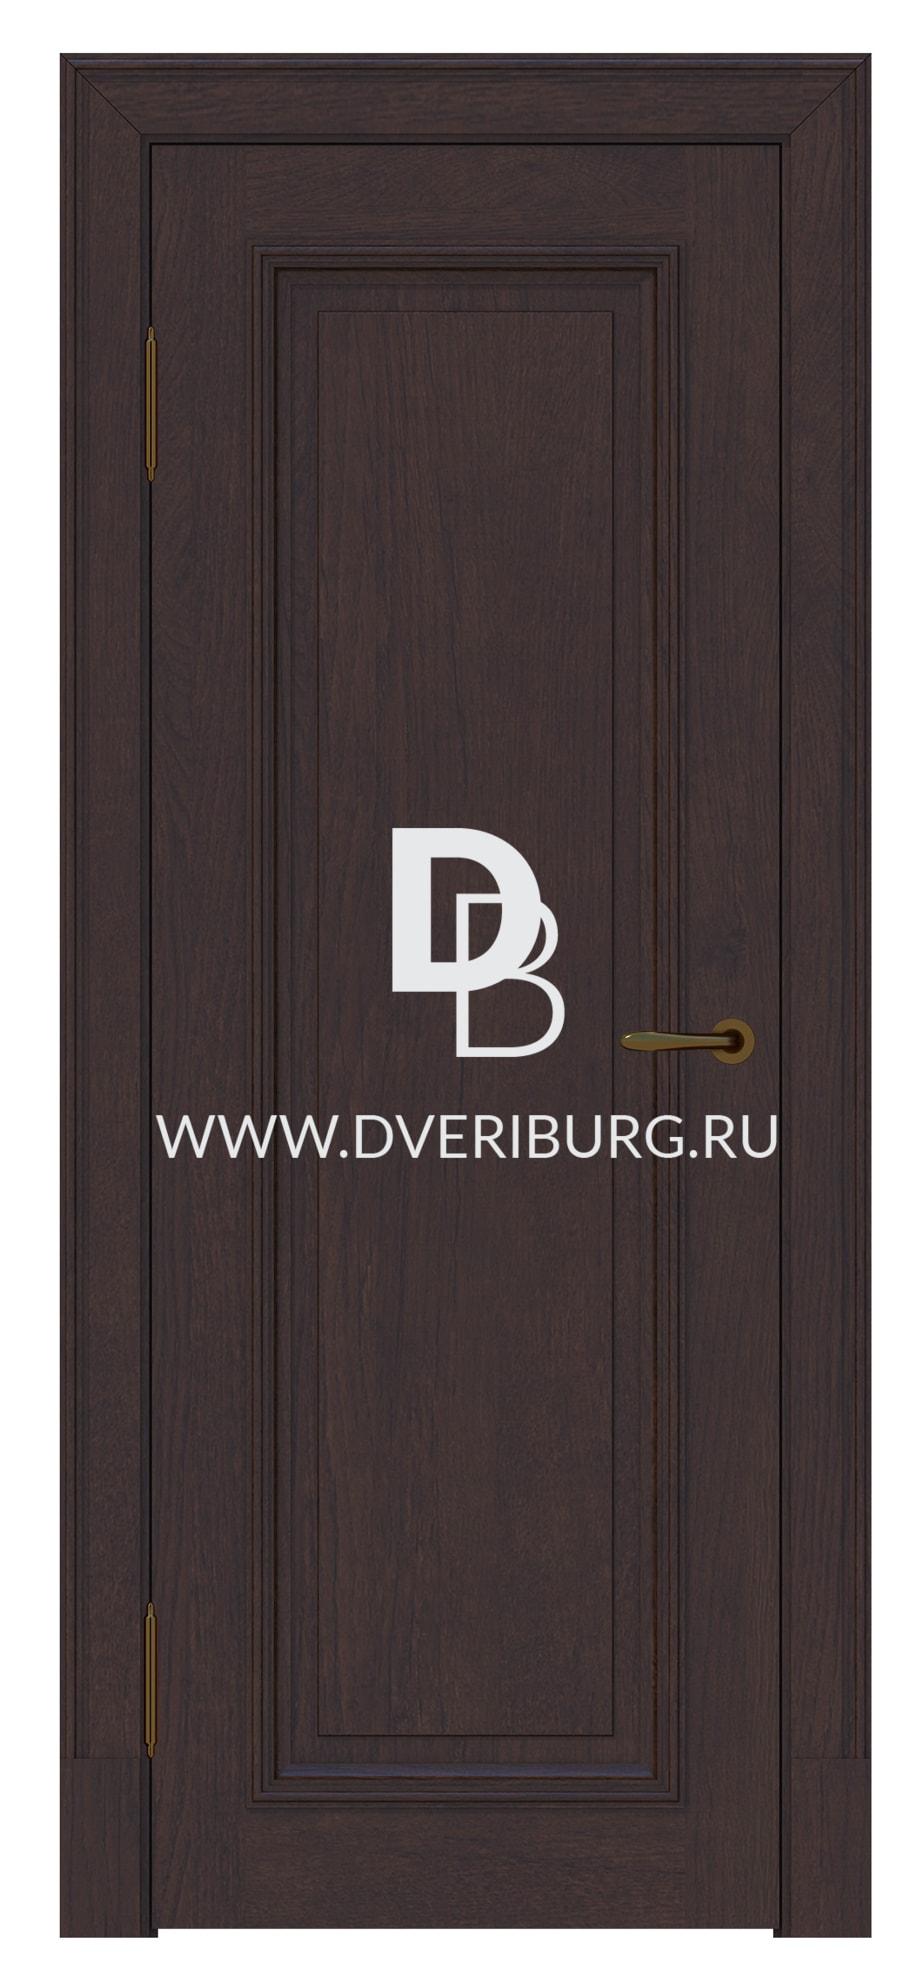 Межкомнатная шпонированная дверь - фото